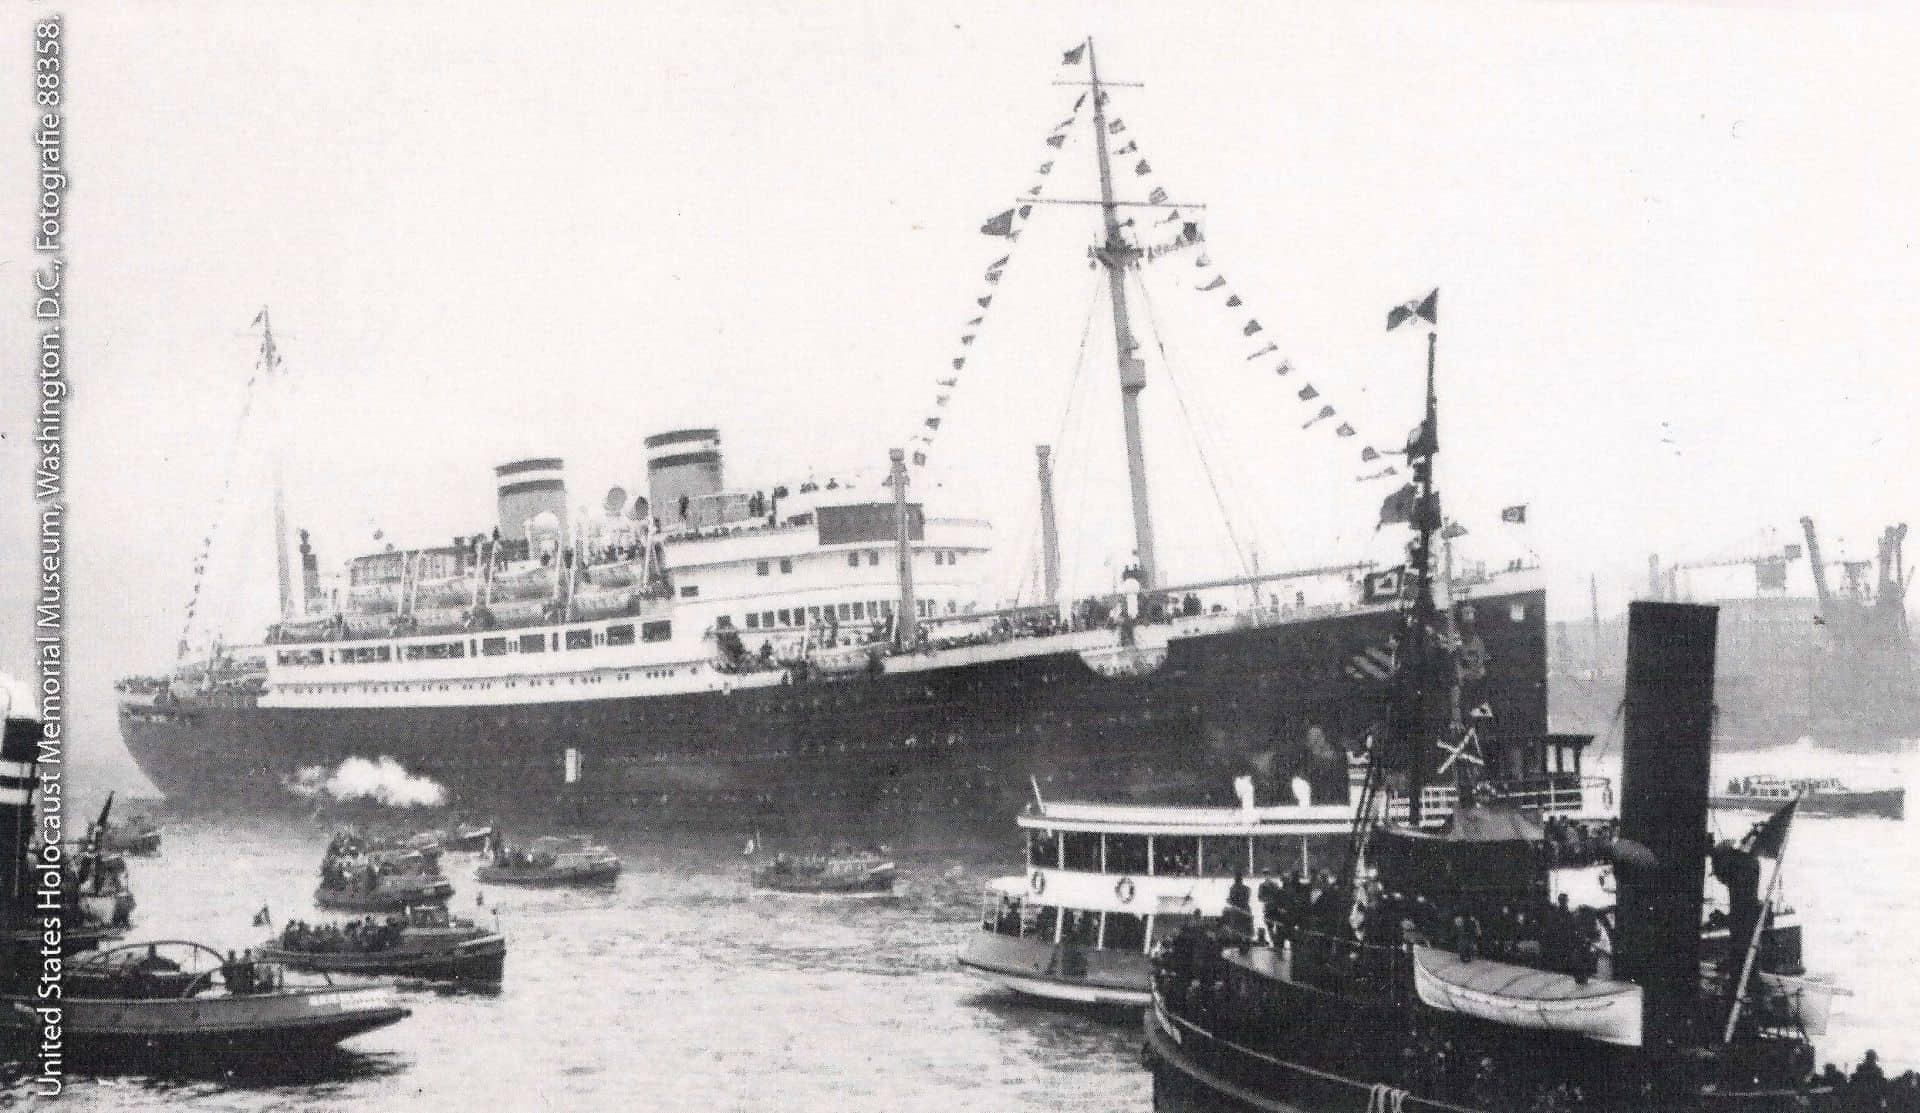 St. Louis Schiff 1939